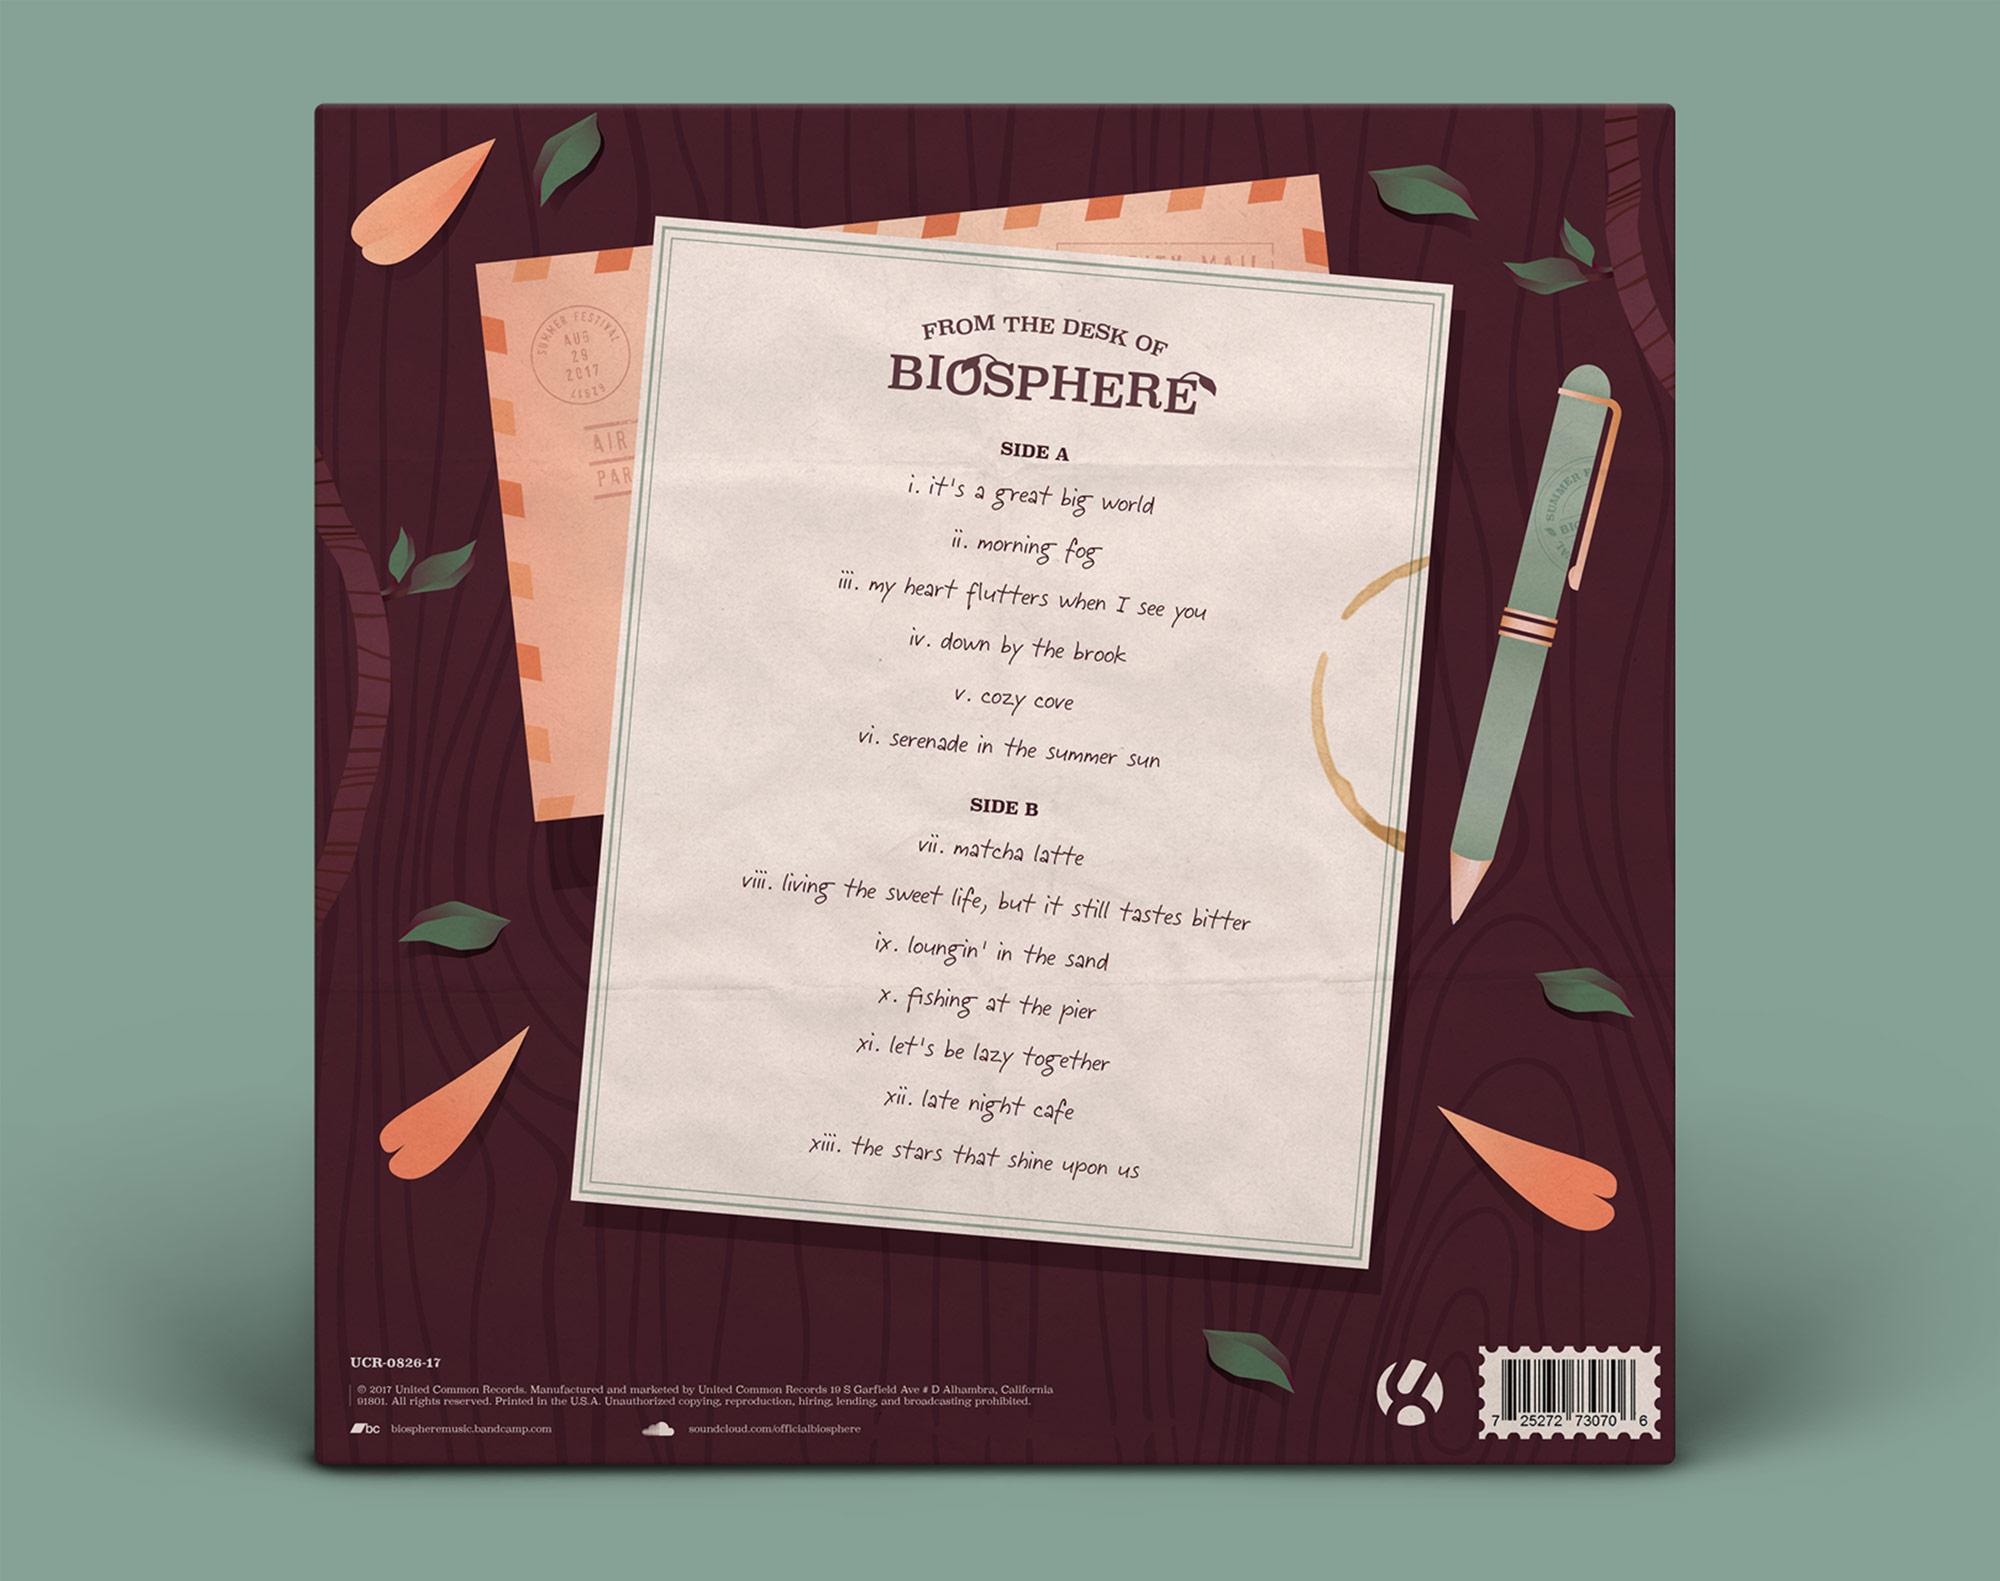 SR_Morris_SummerFestival_3-Rachel-Morris